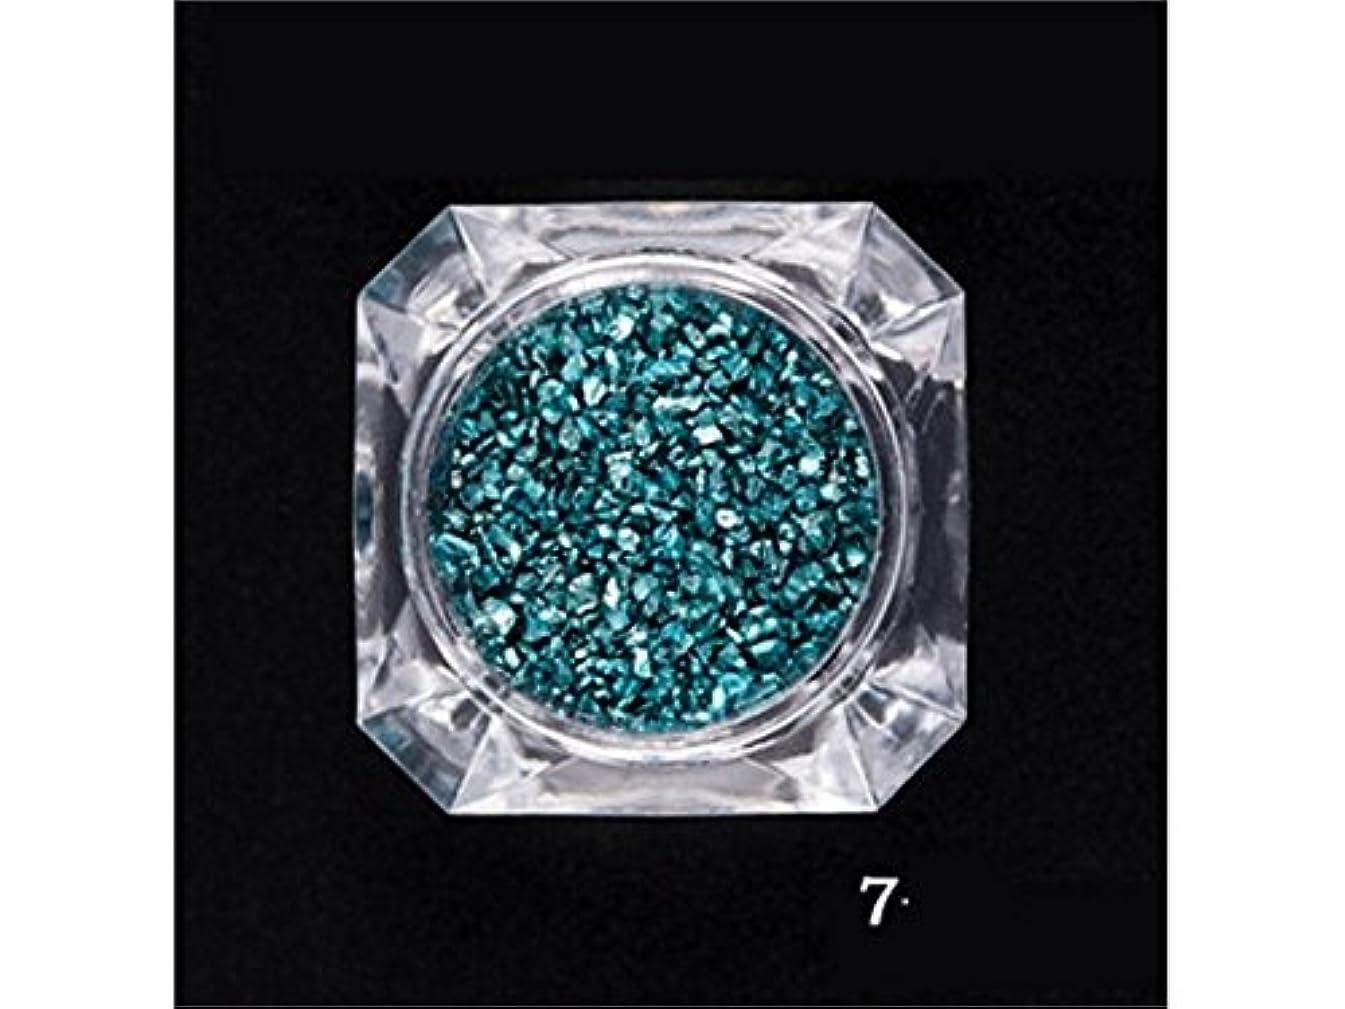 保証テクニカルシールOsize 不規則鉱石ネイルスタッドマニキュア3DネイルアートデコレーションゴールドシルバーDIY材料ネイルアートと装飾(ネイビーブルー)